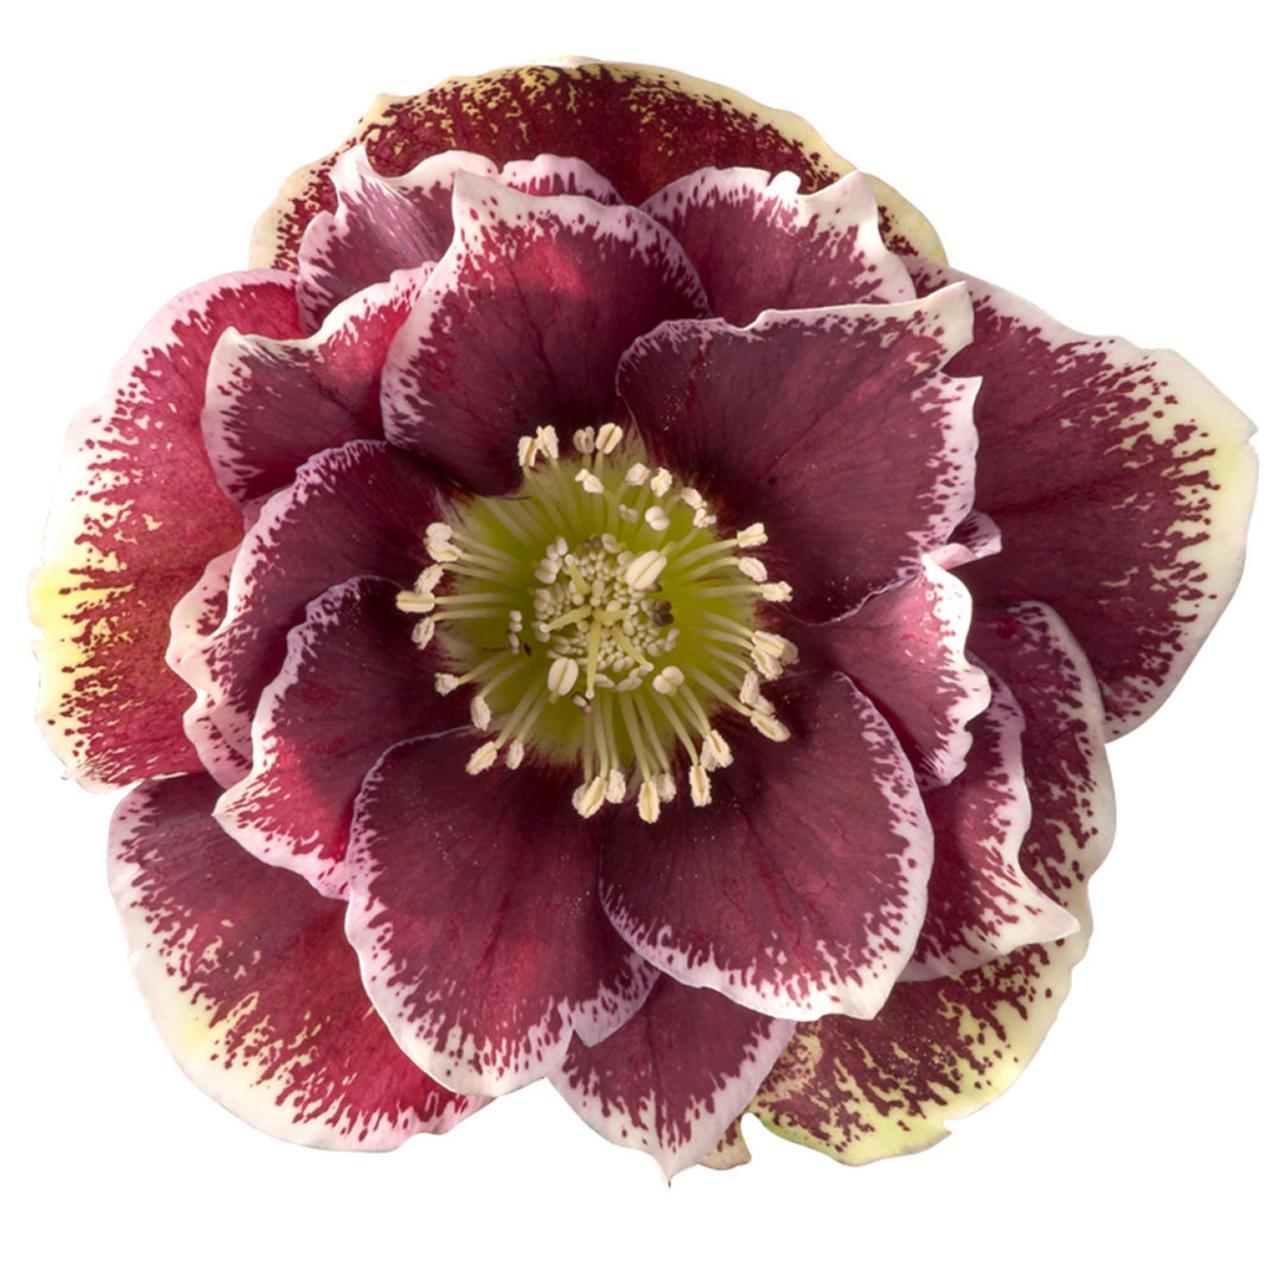 Helleborus orientalis 'Rubina' plant